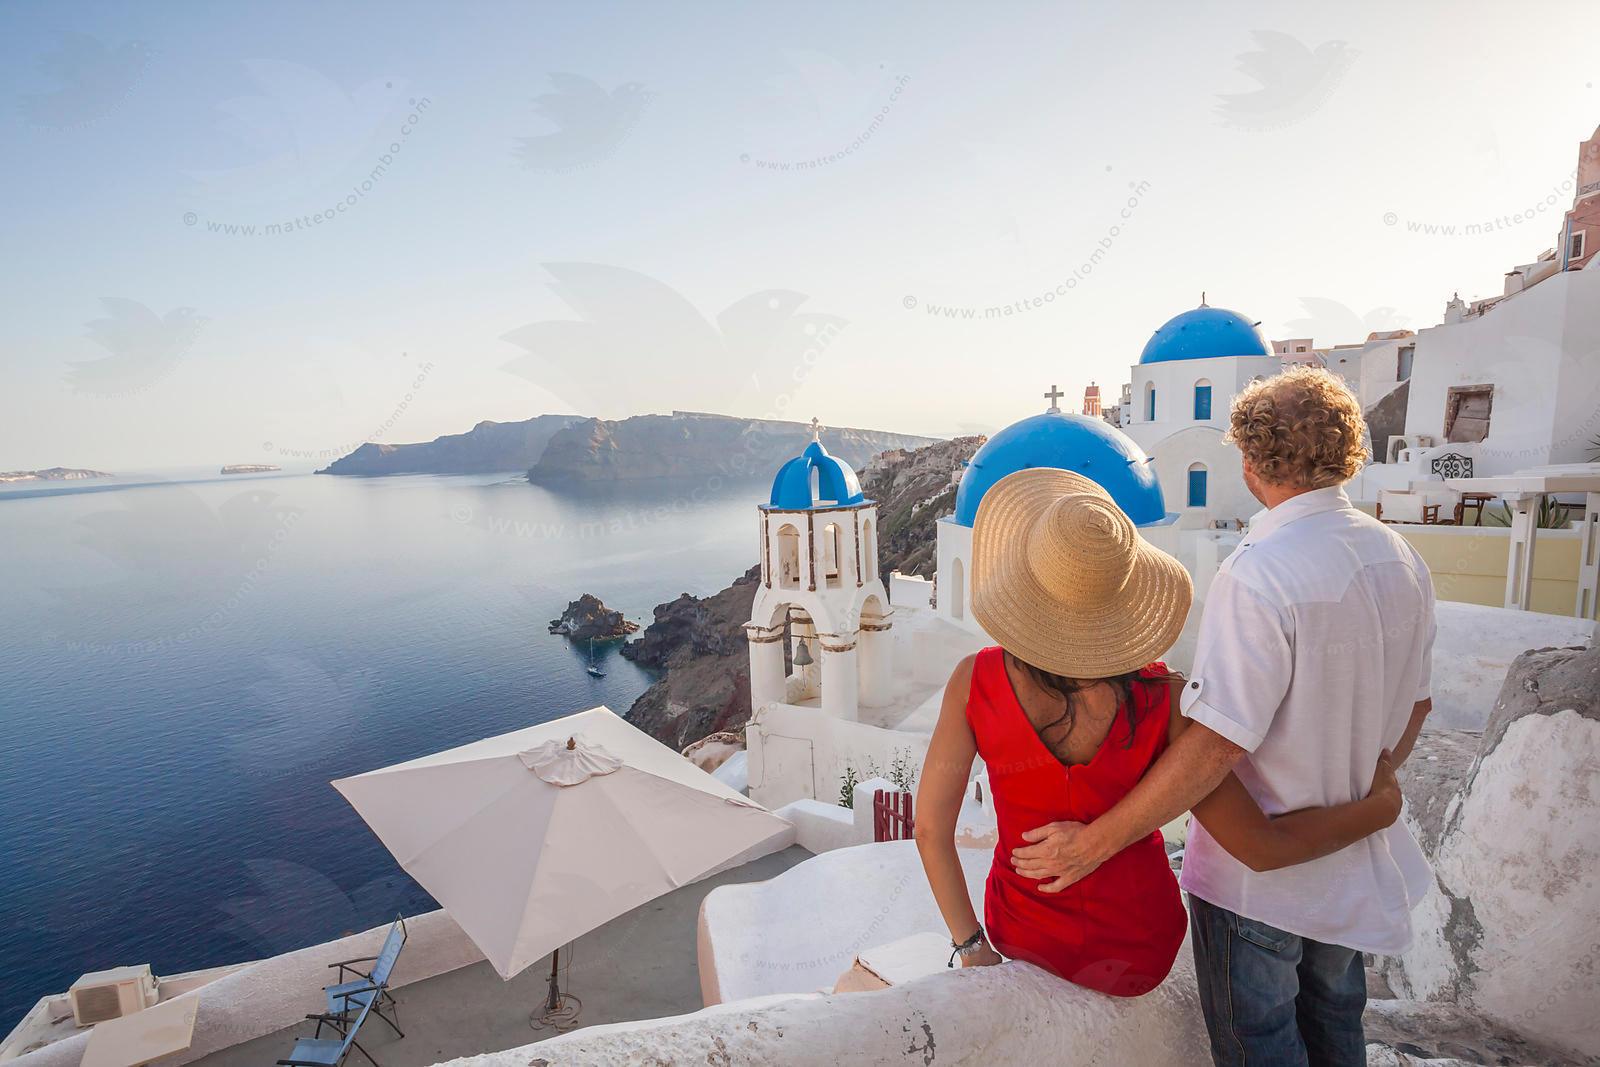 Honeymoon in Greece: 5 Spectacular Honeymoon Destinations